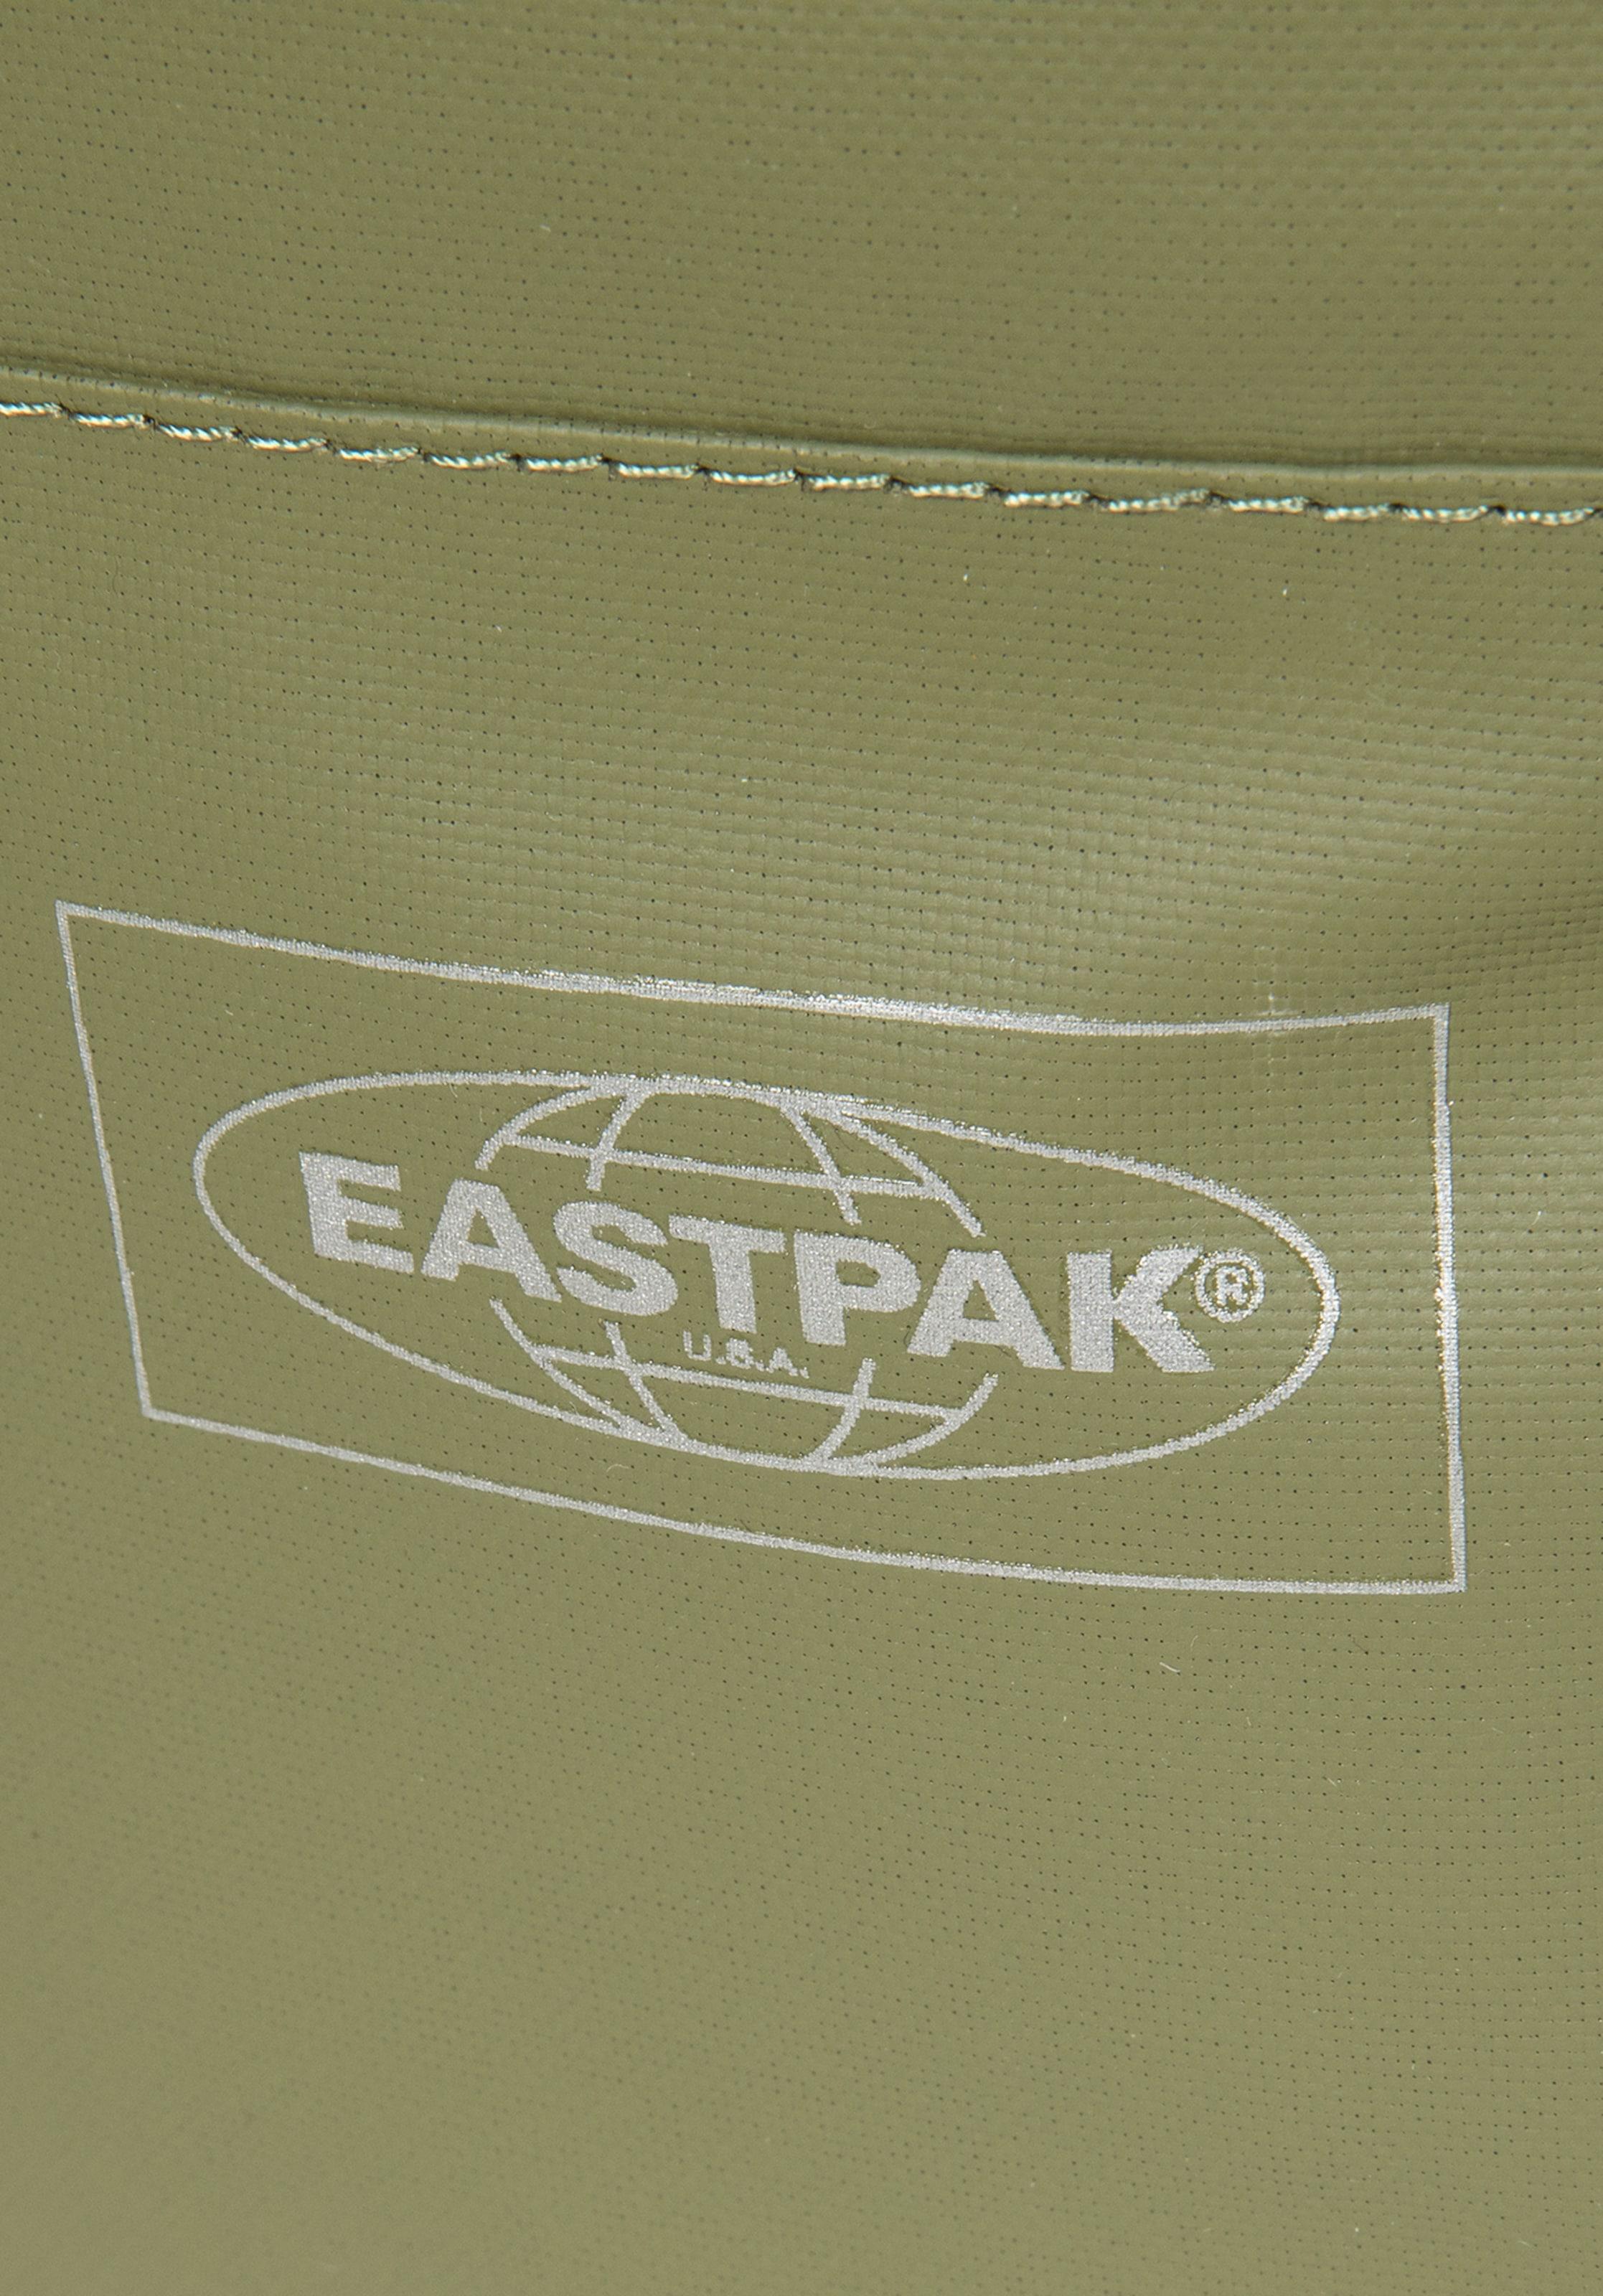 Rucksack In Eastpak Eastpak 'macnee' 'macnee' Rucksack Oliv Eastpak In Rucksack Oliv In 'macnee' l1FJKc